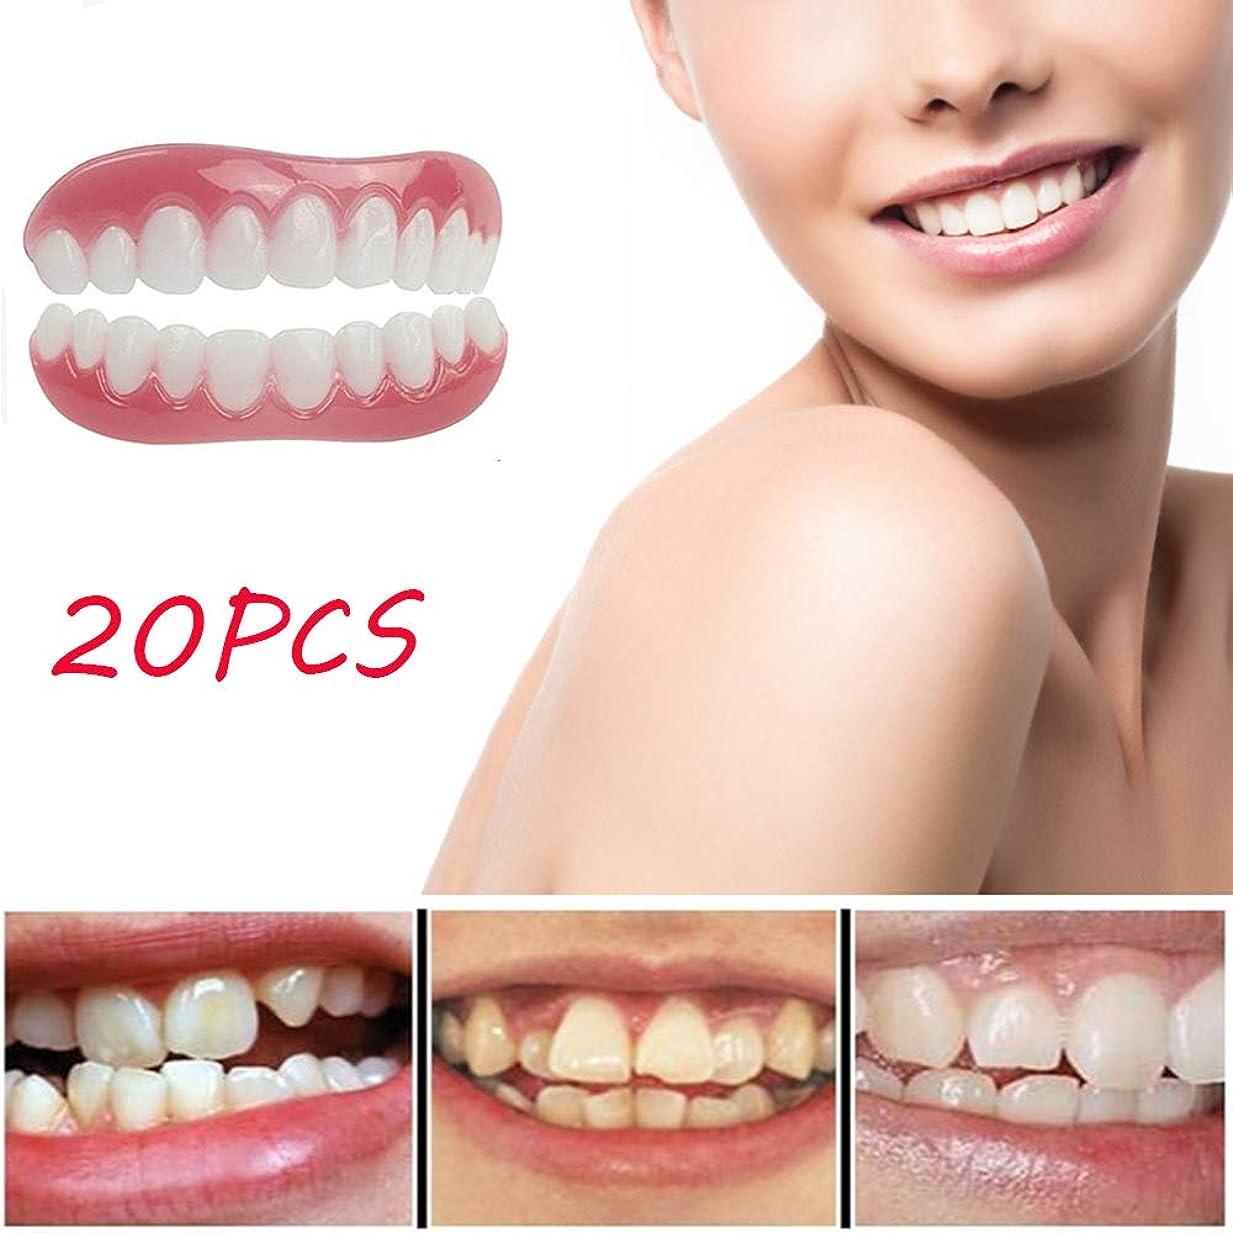 第五監査引き算完璧な笑顔義歯20PCSコンフォートソフトベニヤベニヤ歯科用化粧品歯黄色い歯黒歯悪い歯ホワイトニング用具(上+下)